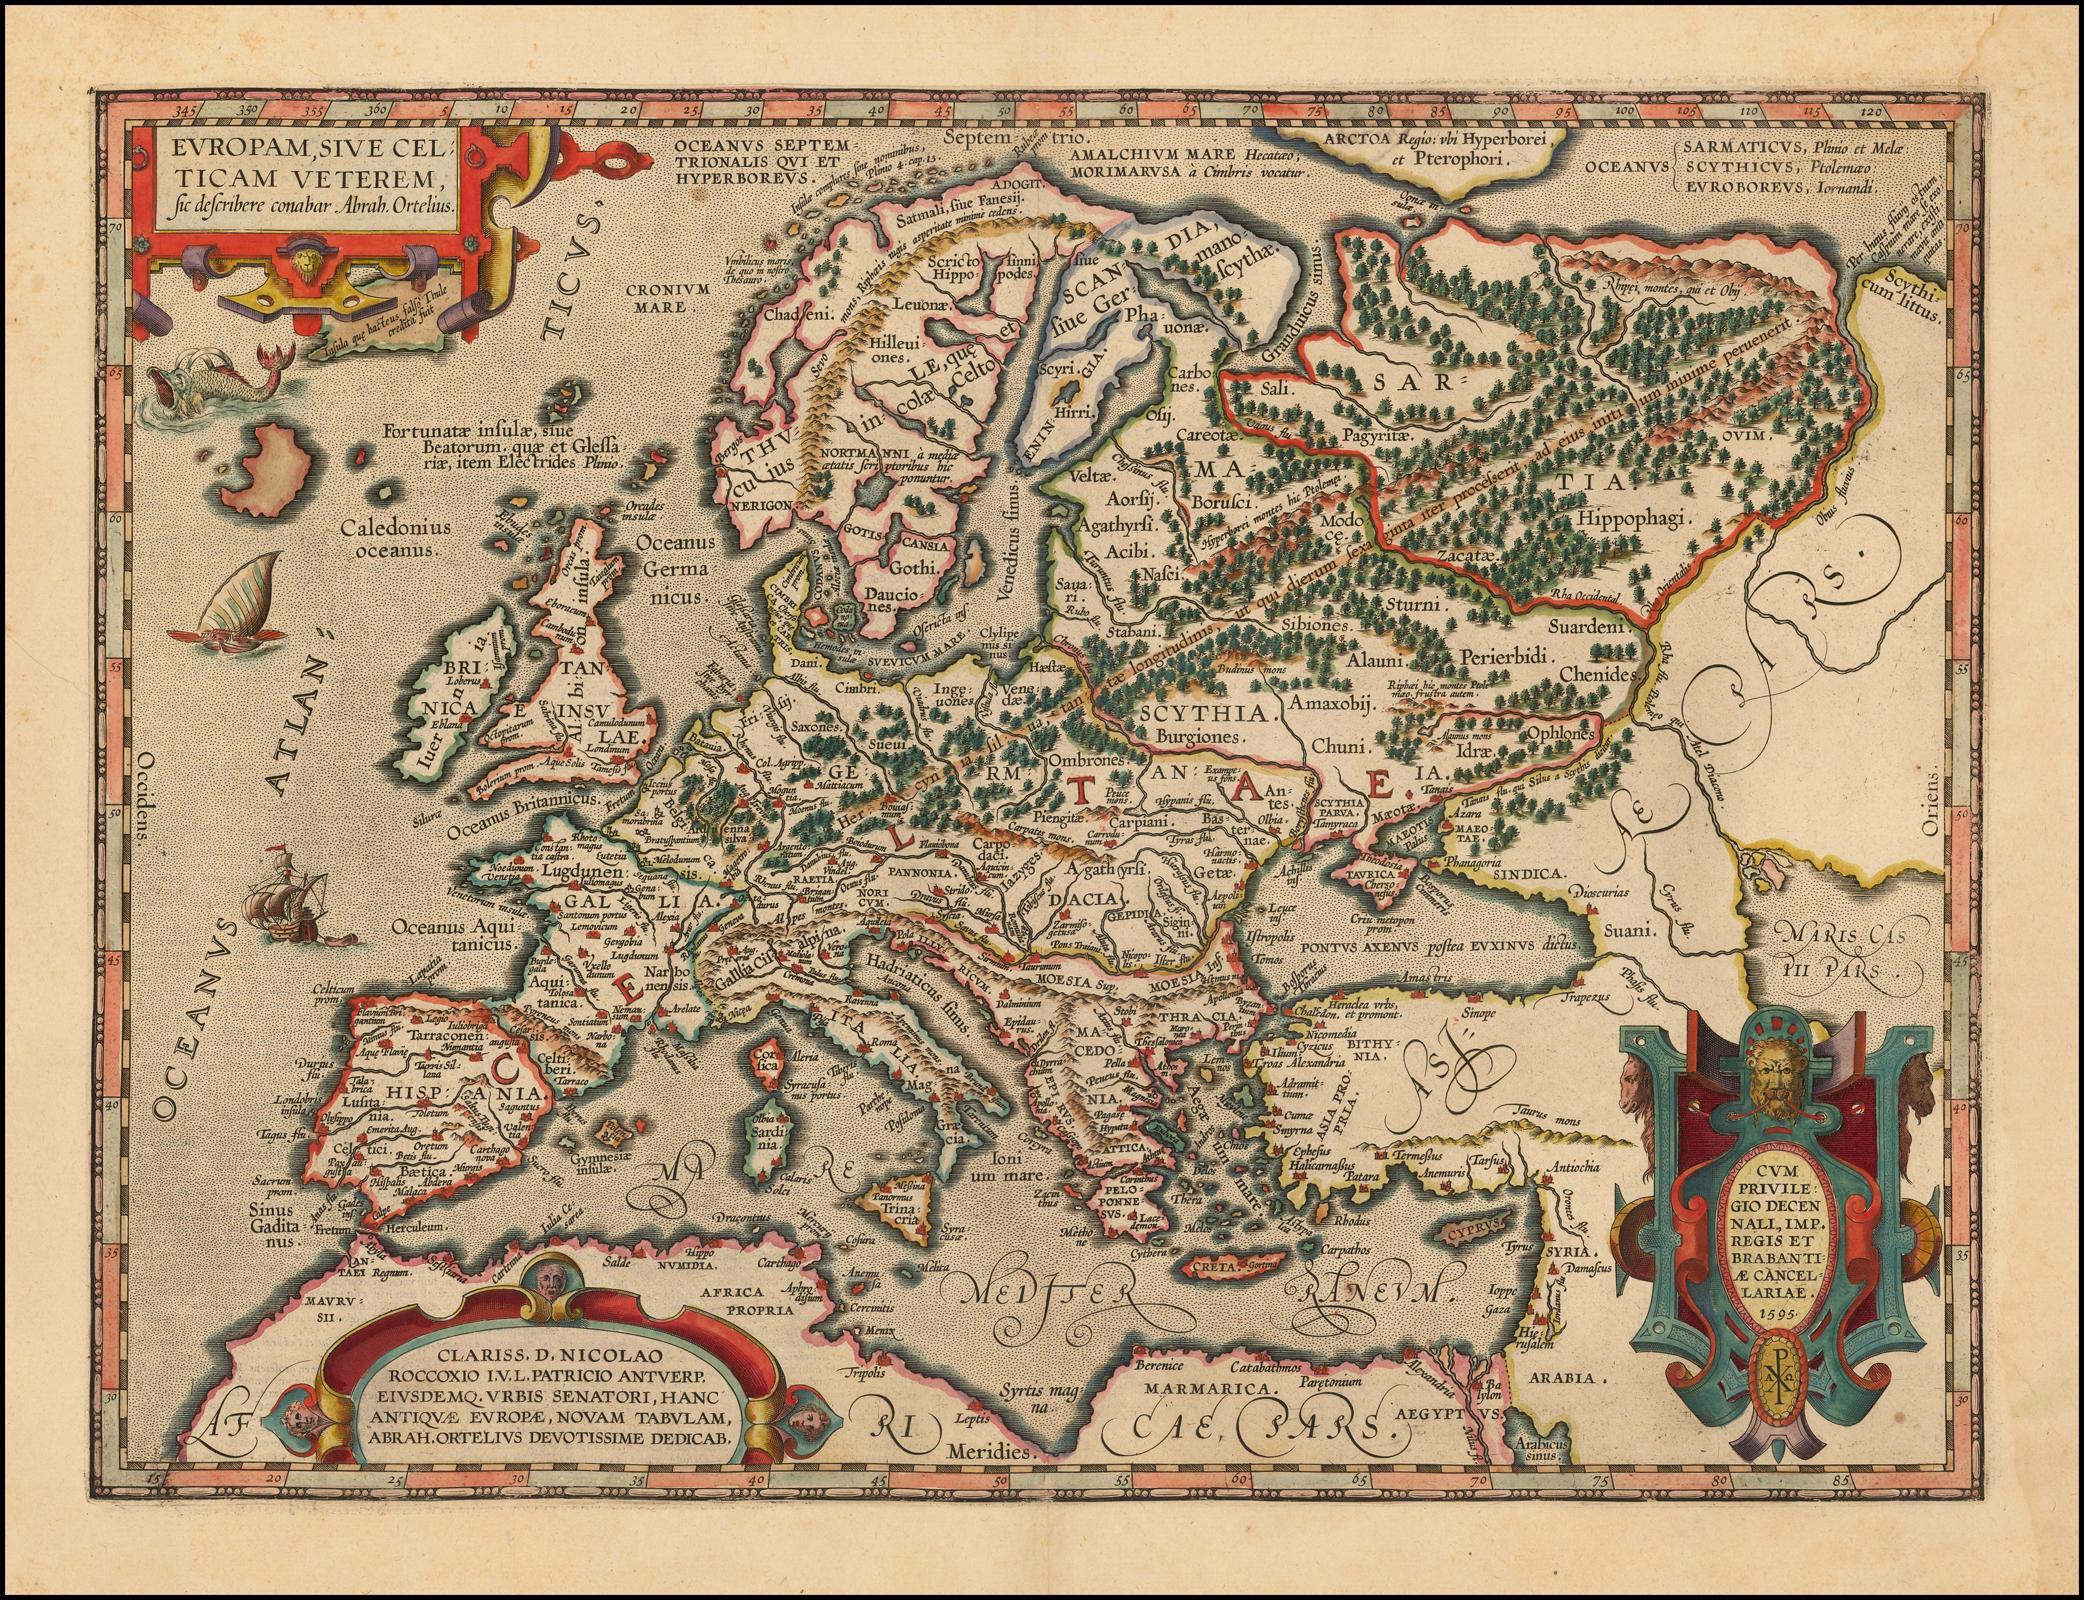 """Карта кельтской империи Ортелия из книги """"Theatrum Orbis Terraum"""", впервые опубликованной в 1570 году"""